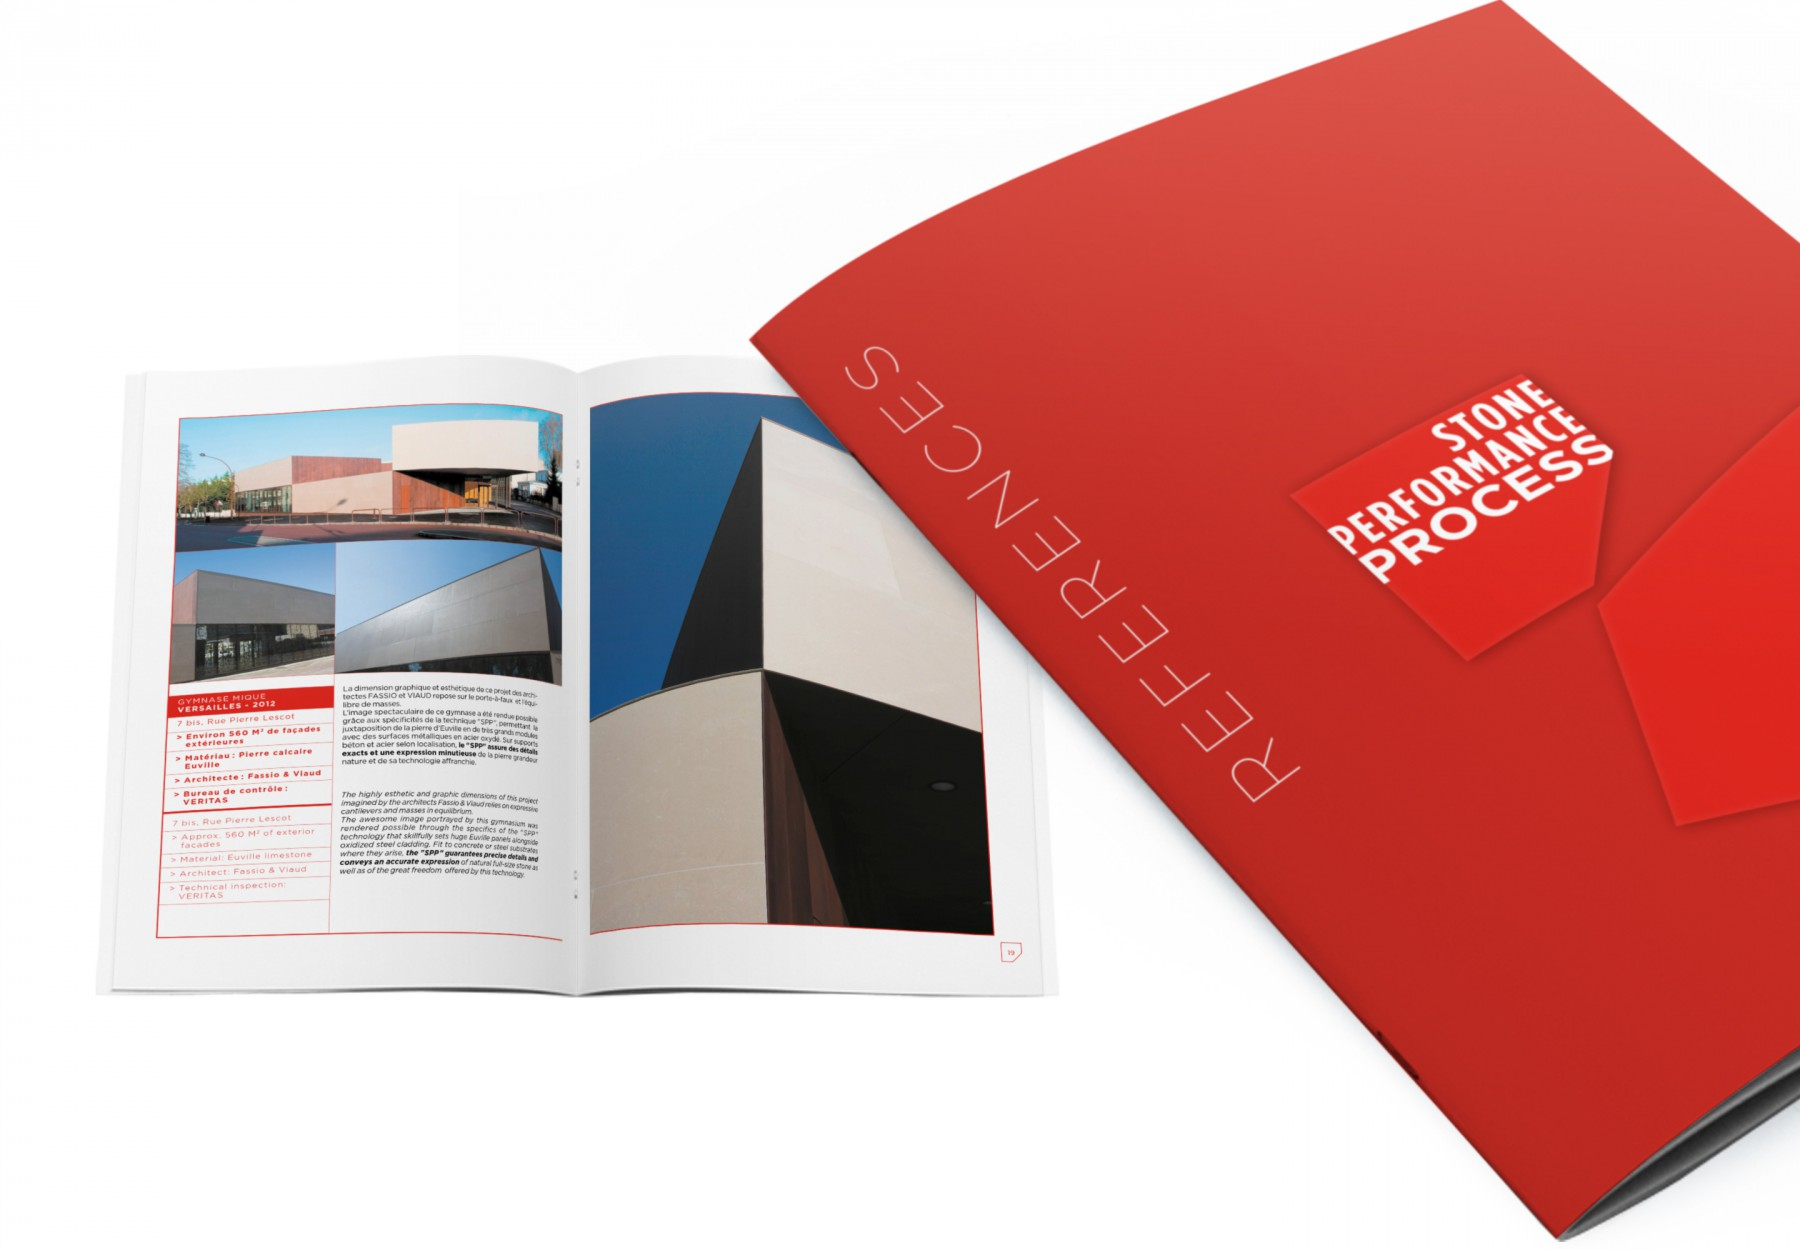 Brochure commerciale, réalisé par Keys Studio pour Stone Performance.